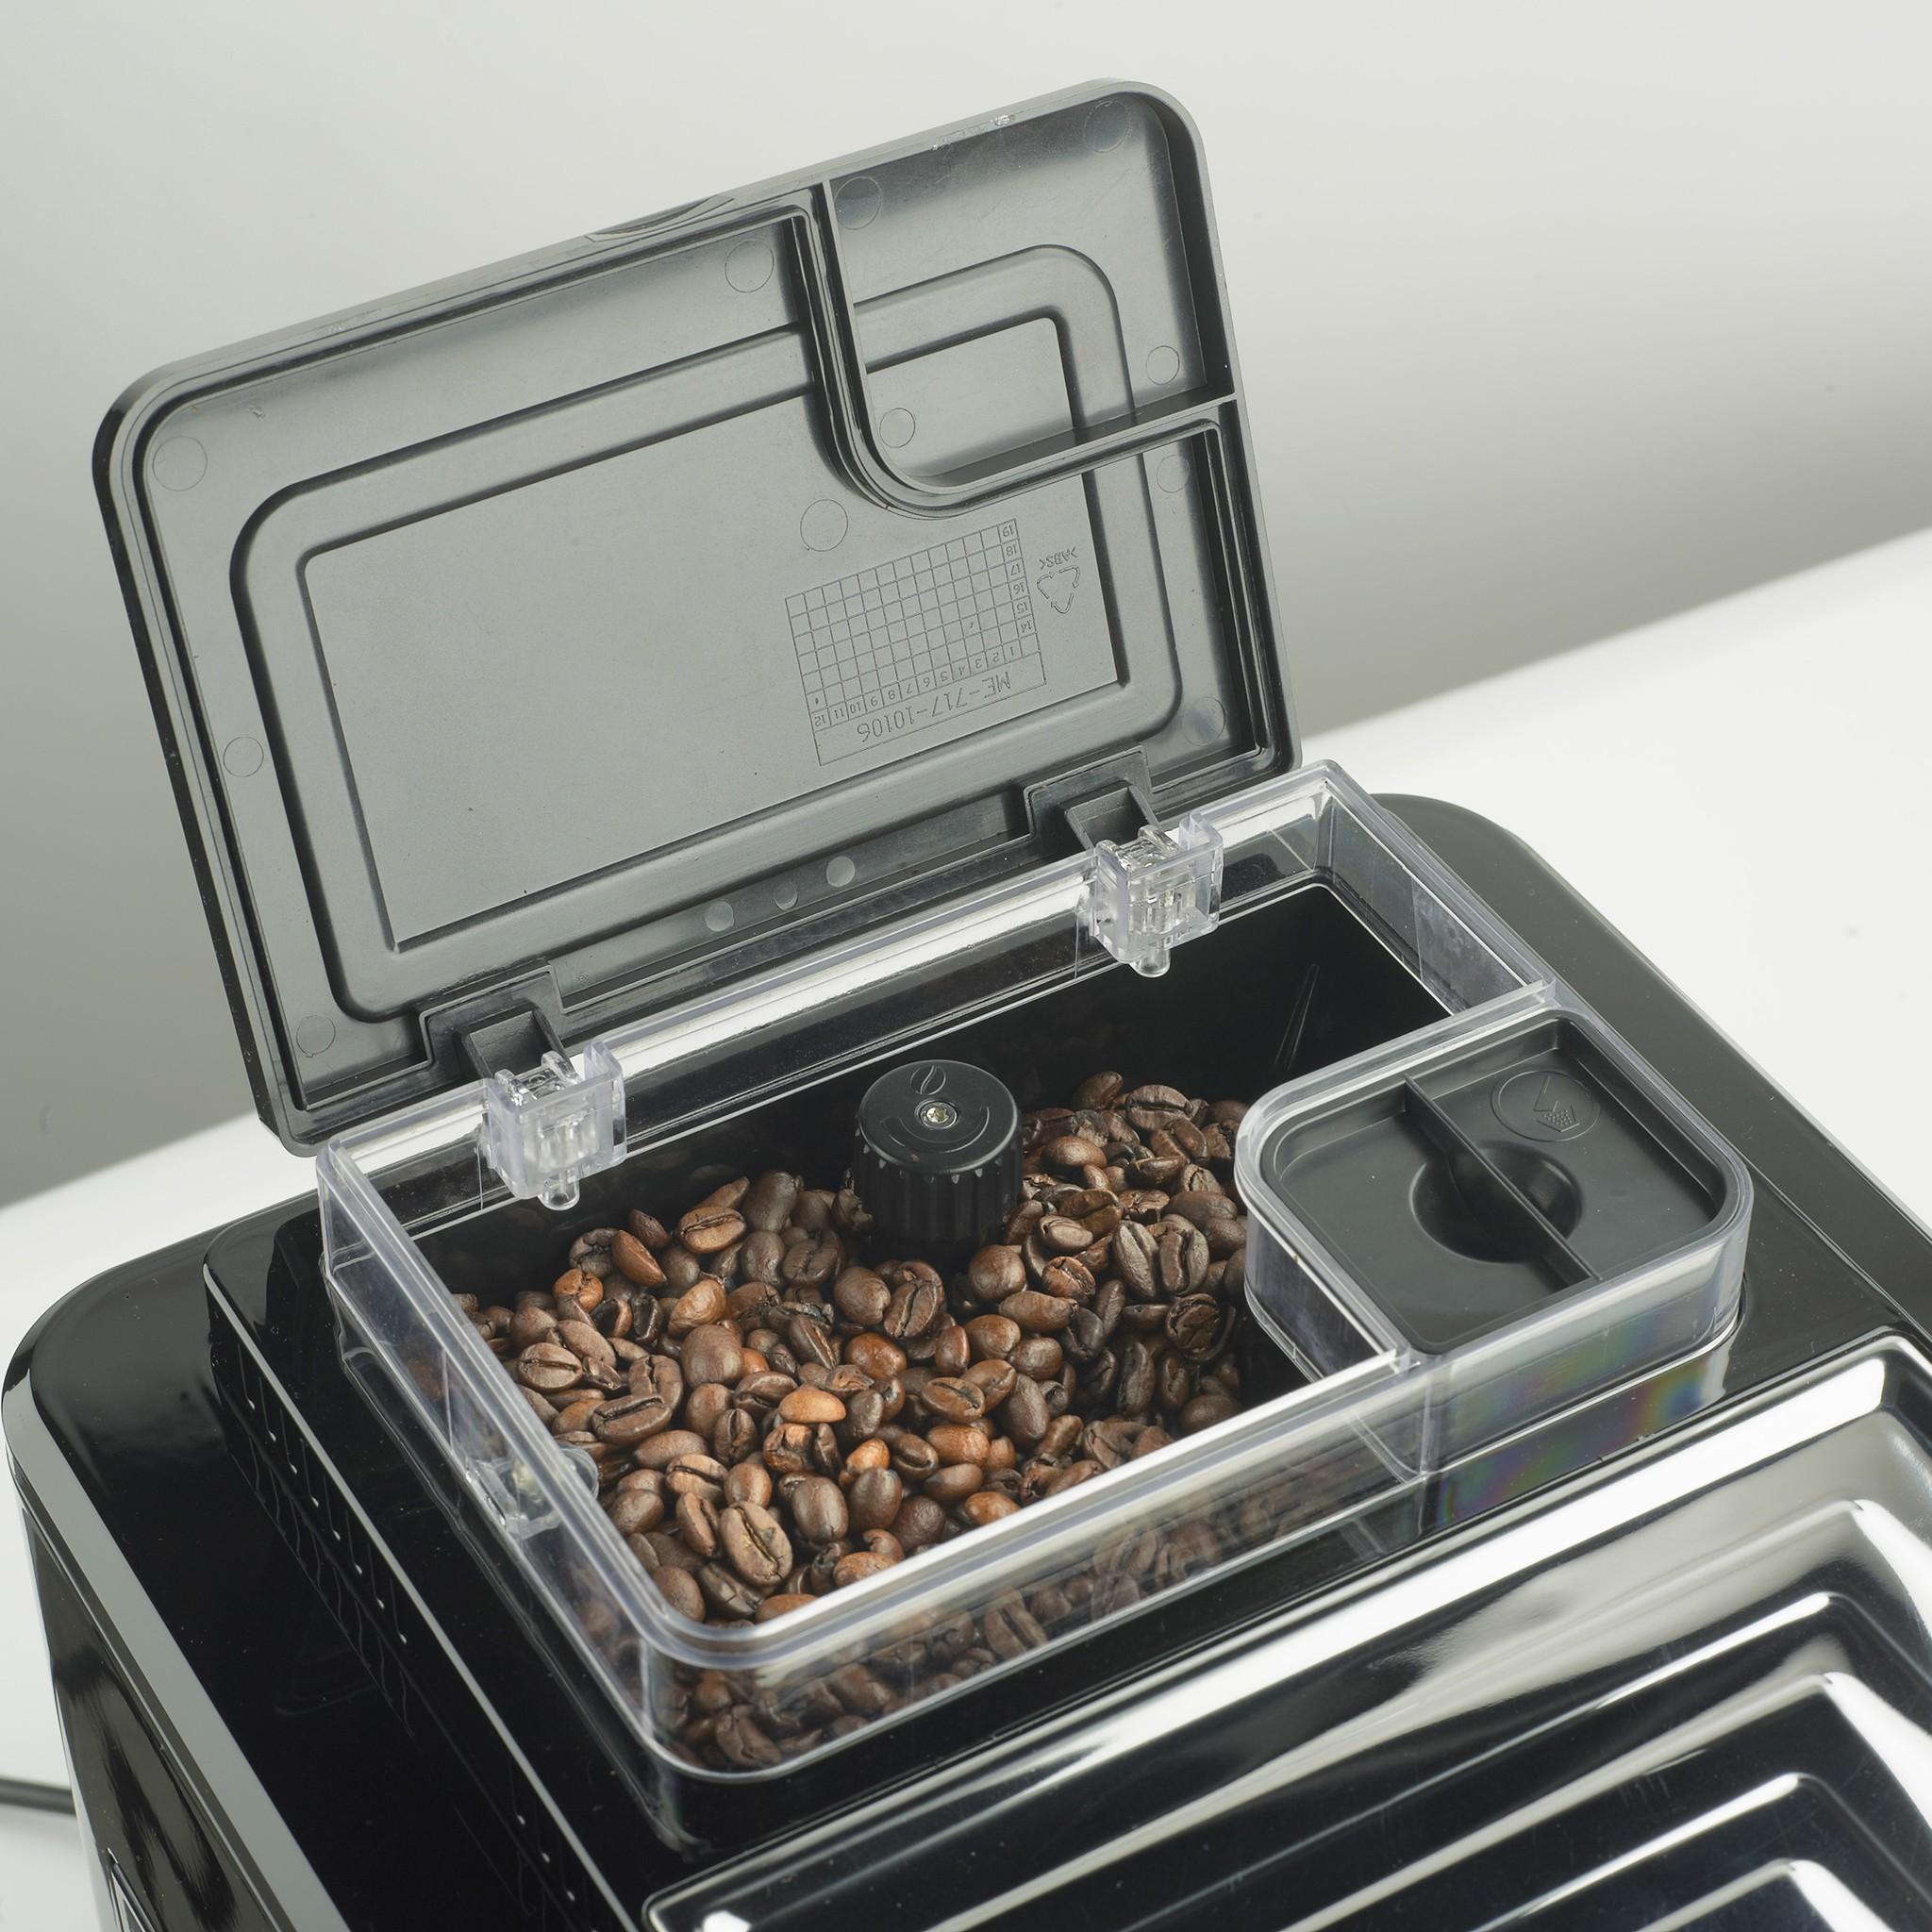 Acopino- Diese edle Kaffeemaschine sollten Sie sich anschauen! - Bildergalerie , Bild 4